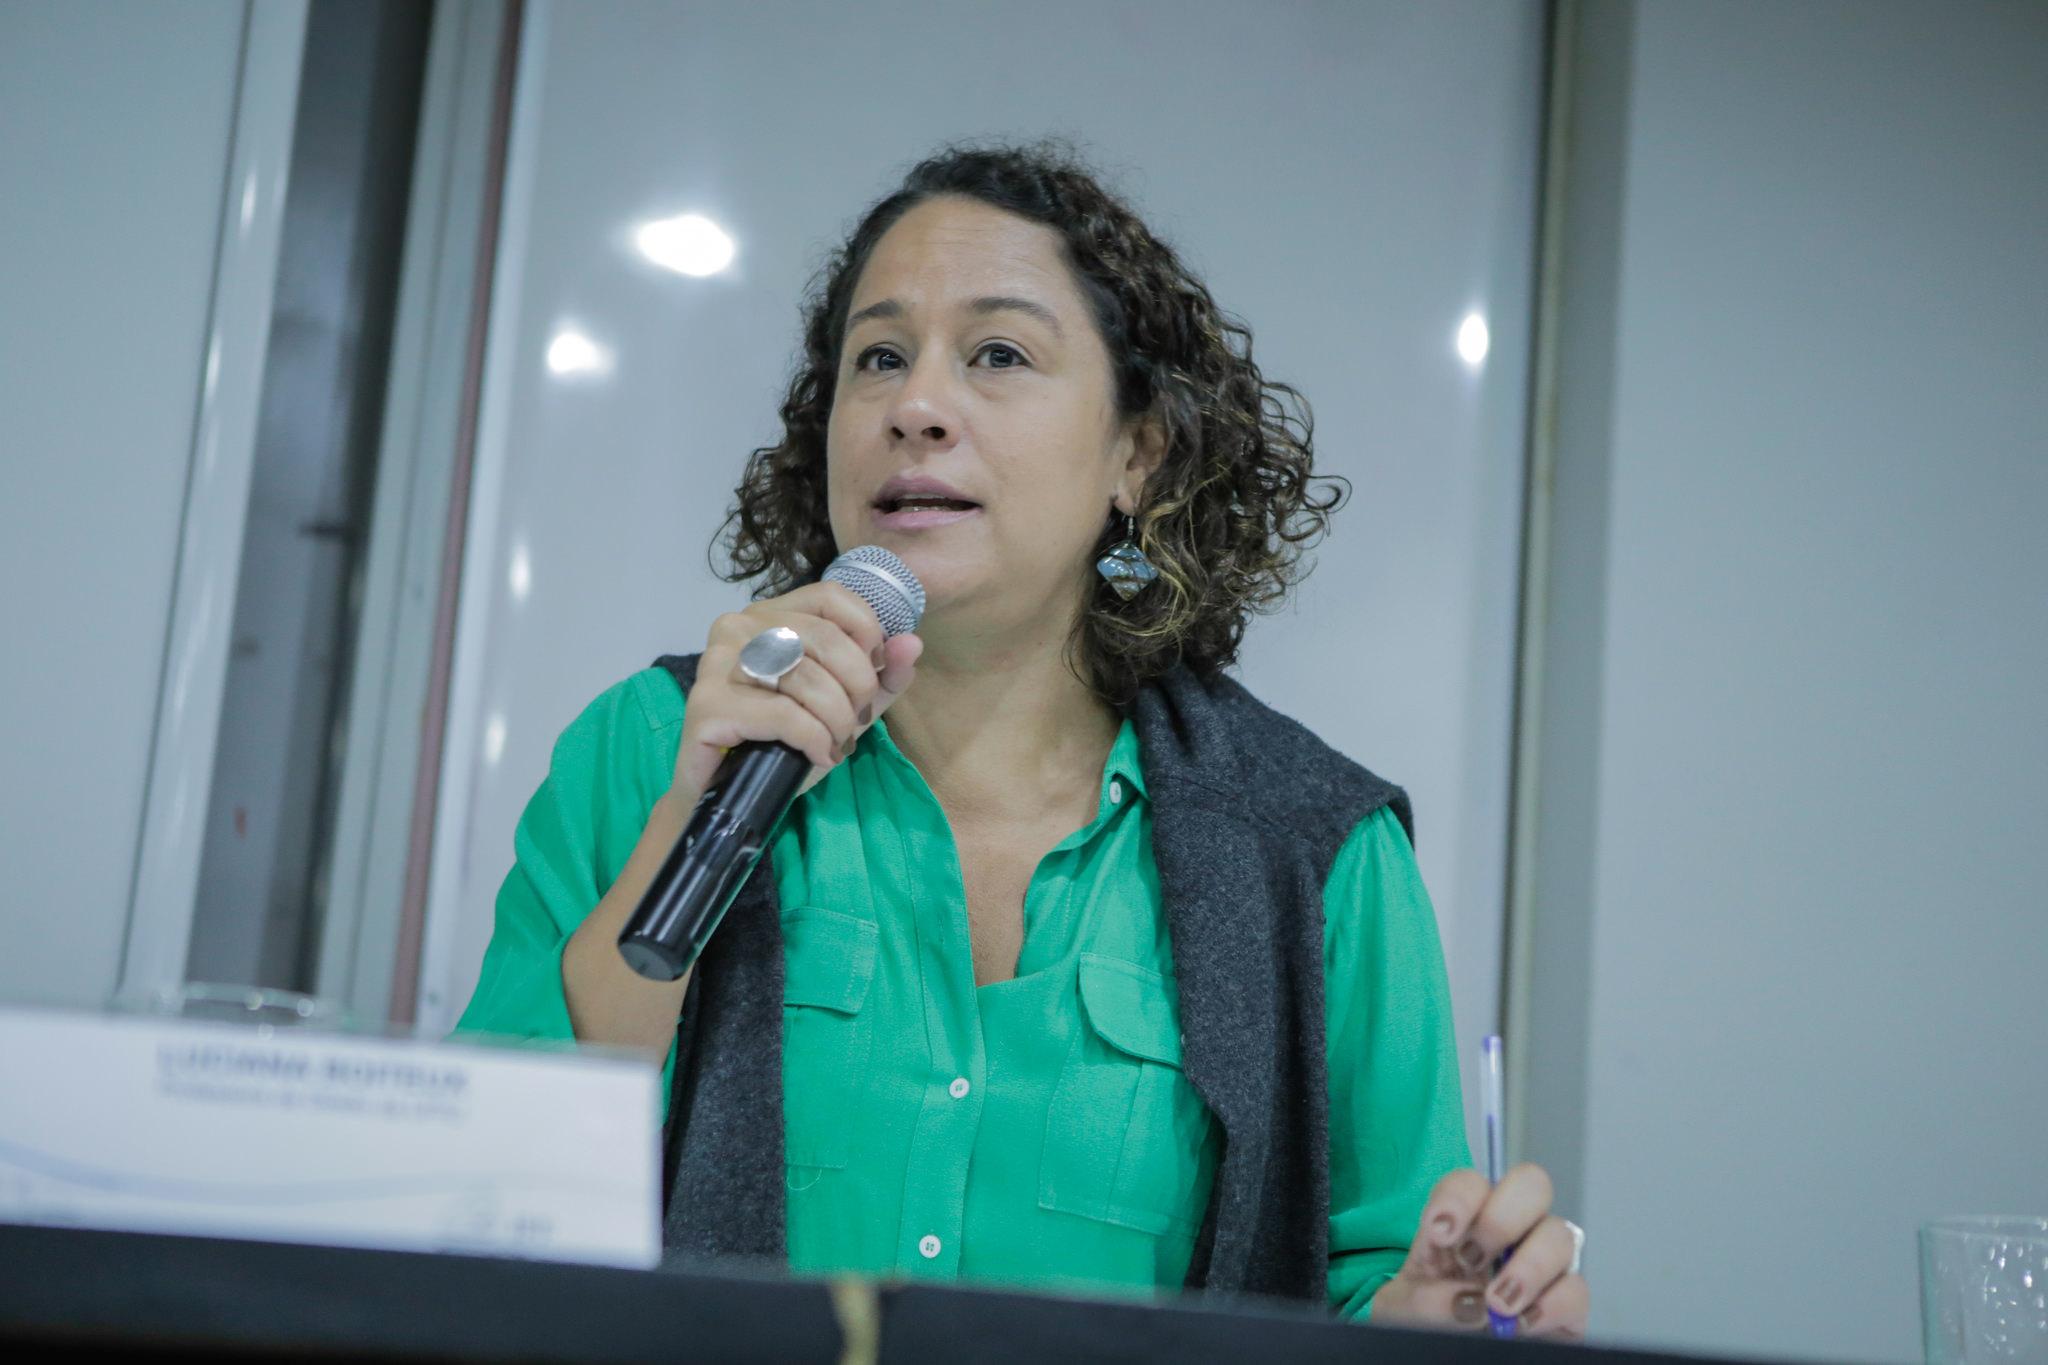 A advogada Luciana Boiteaux, responsável pela ADPF 442. | Foto: Arquivo pessoal